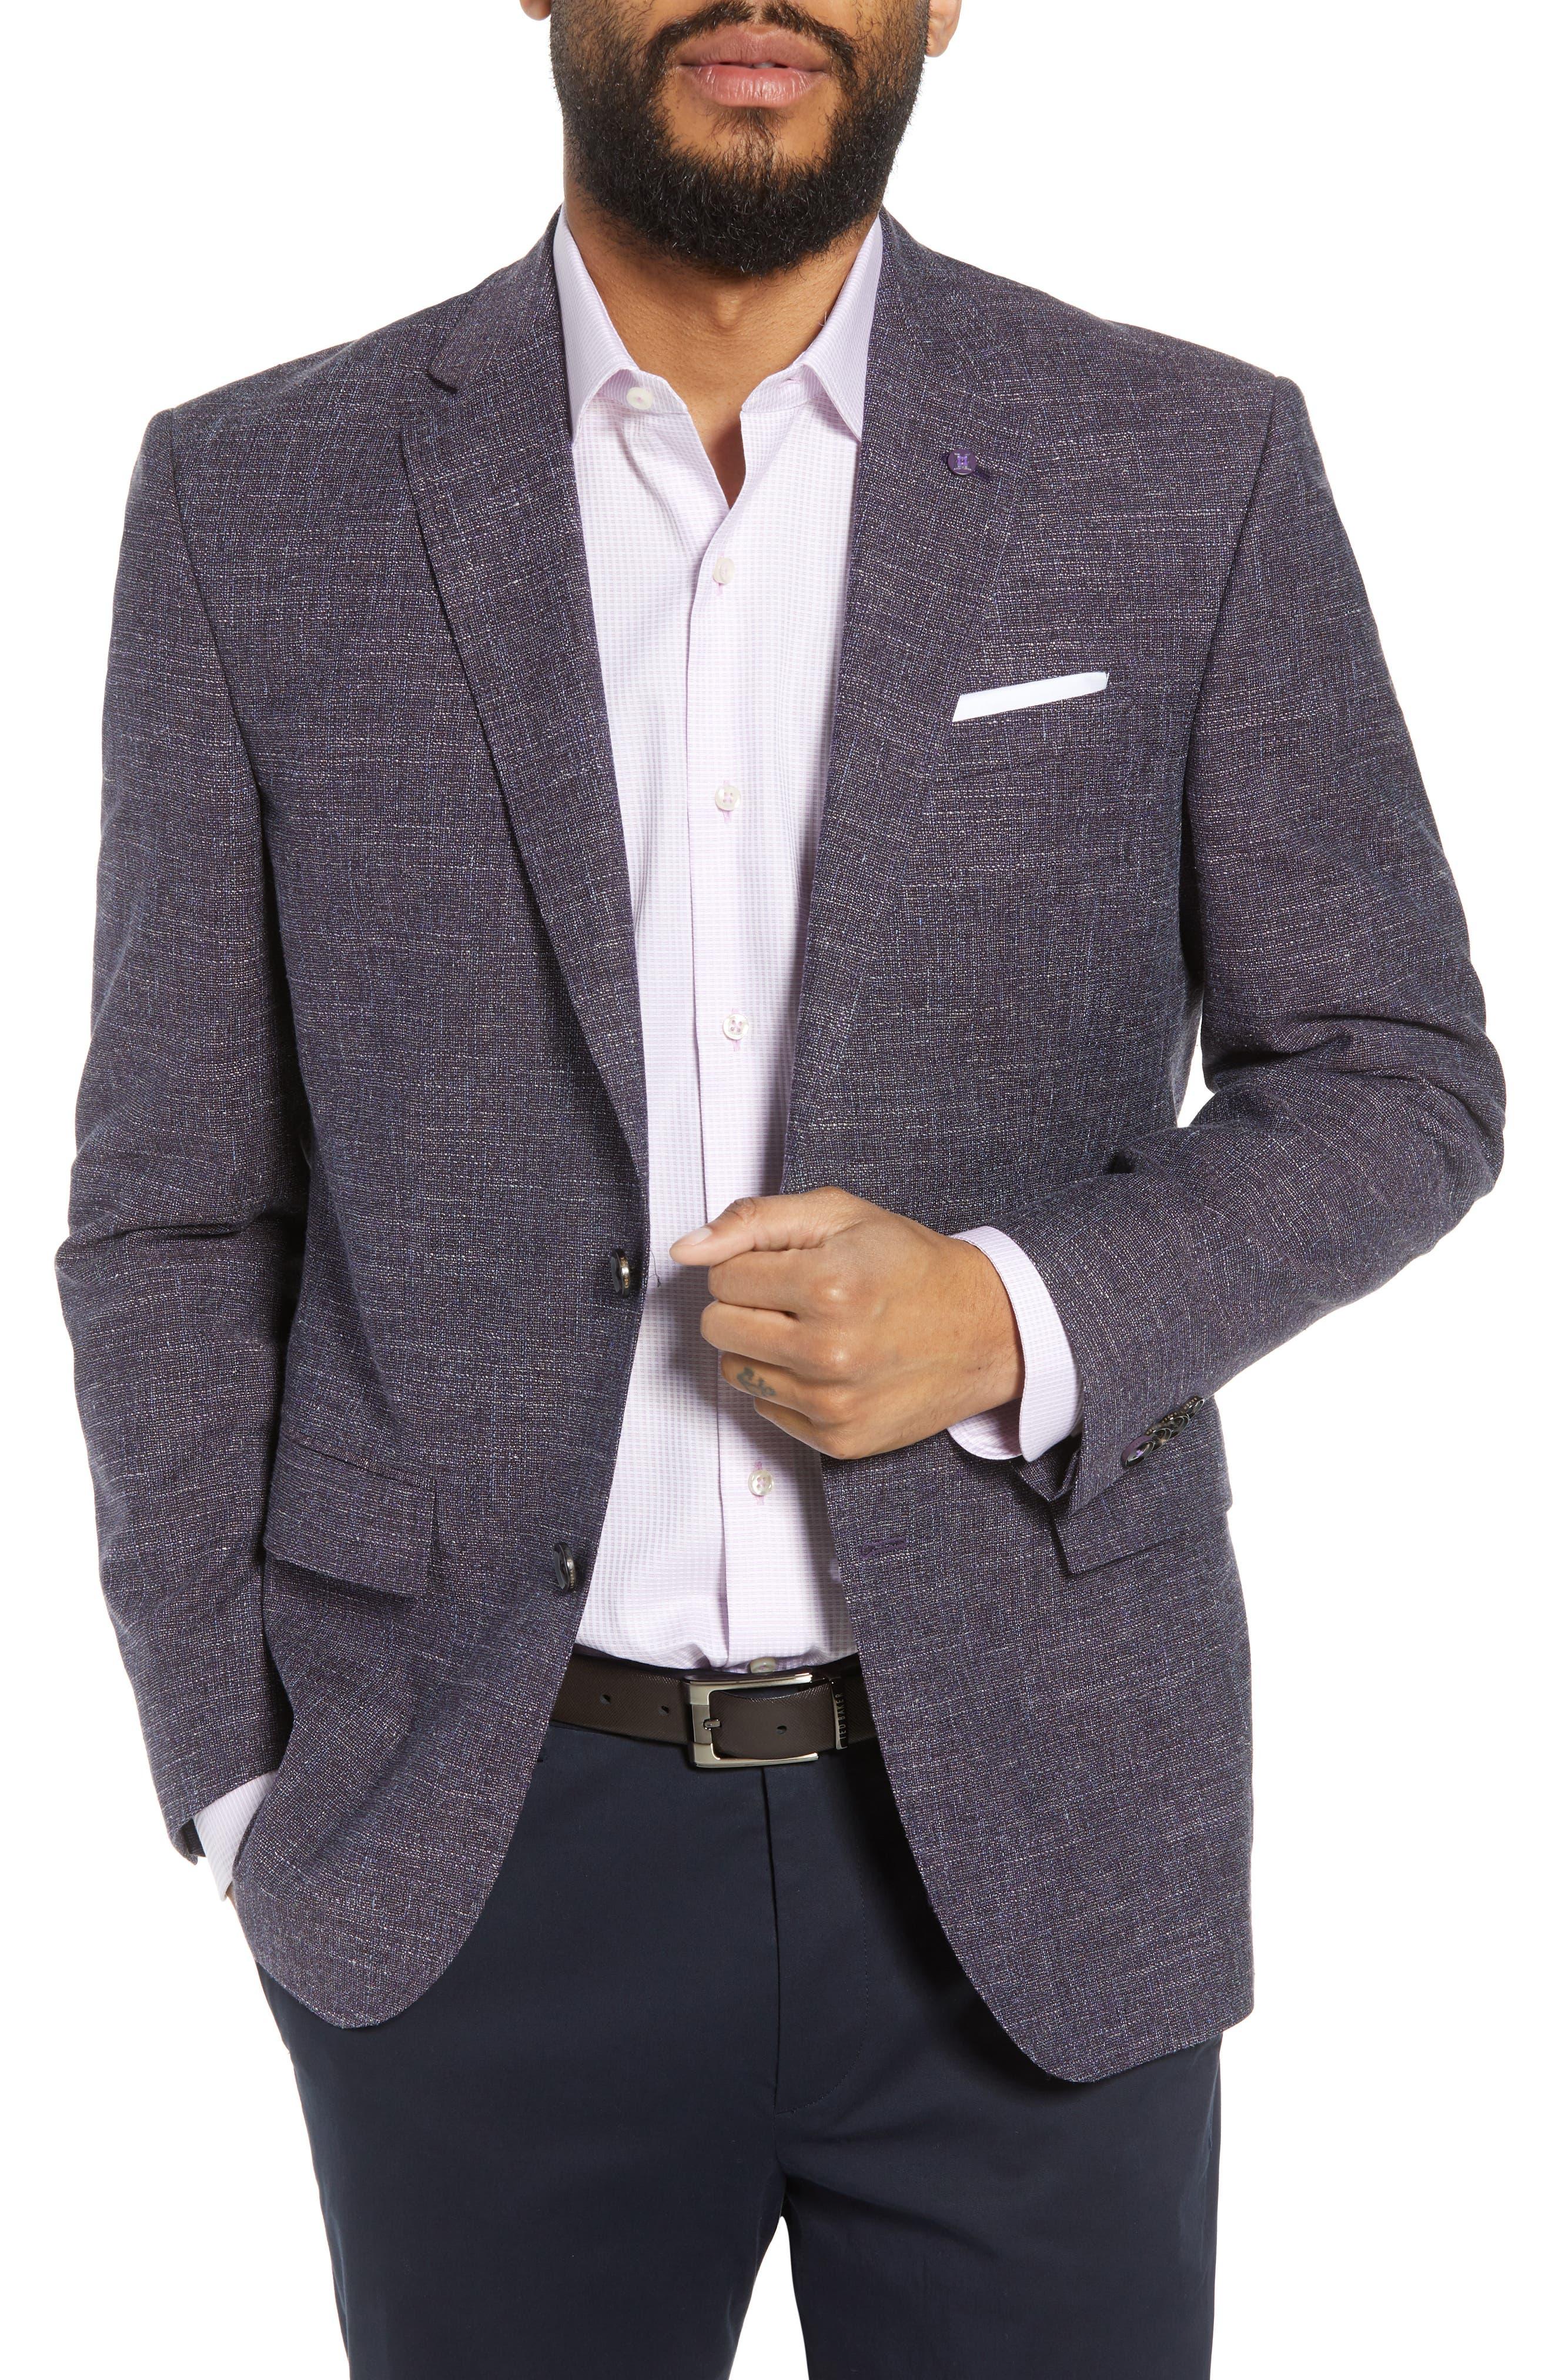 Jay Trim Fit Slubbed Wool, Cotton & Linen Sport Coat,                         Main,                         color, Plum